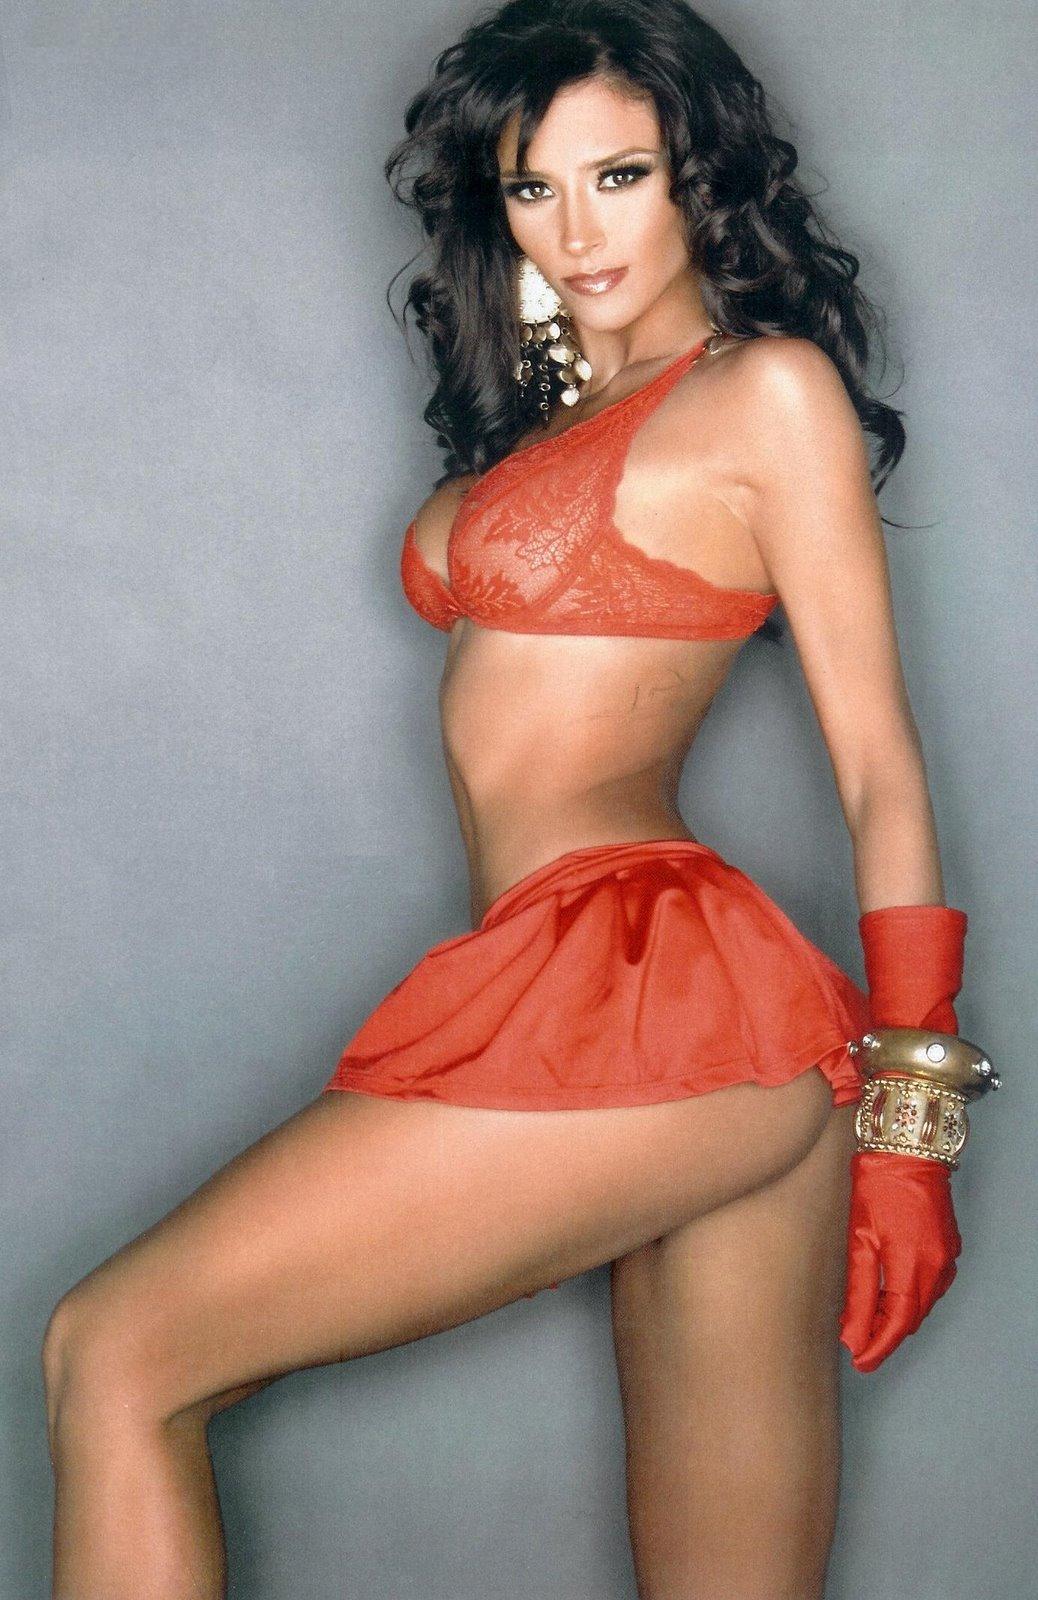 Dorismar Embarazada Desnuda en Playboy - Las